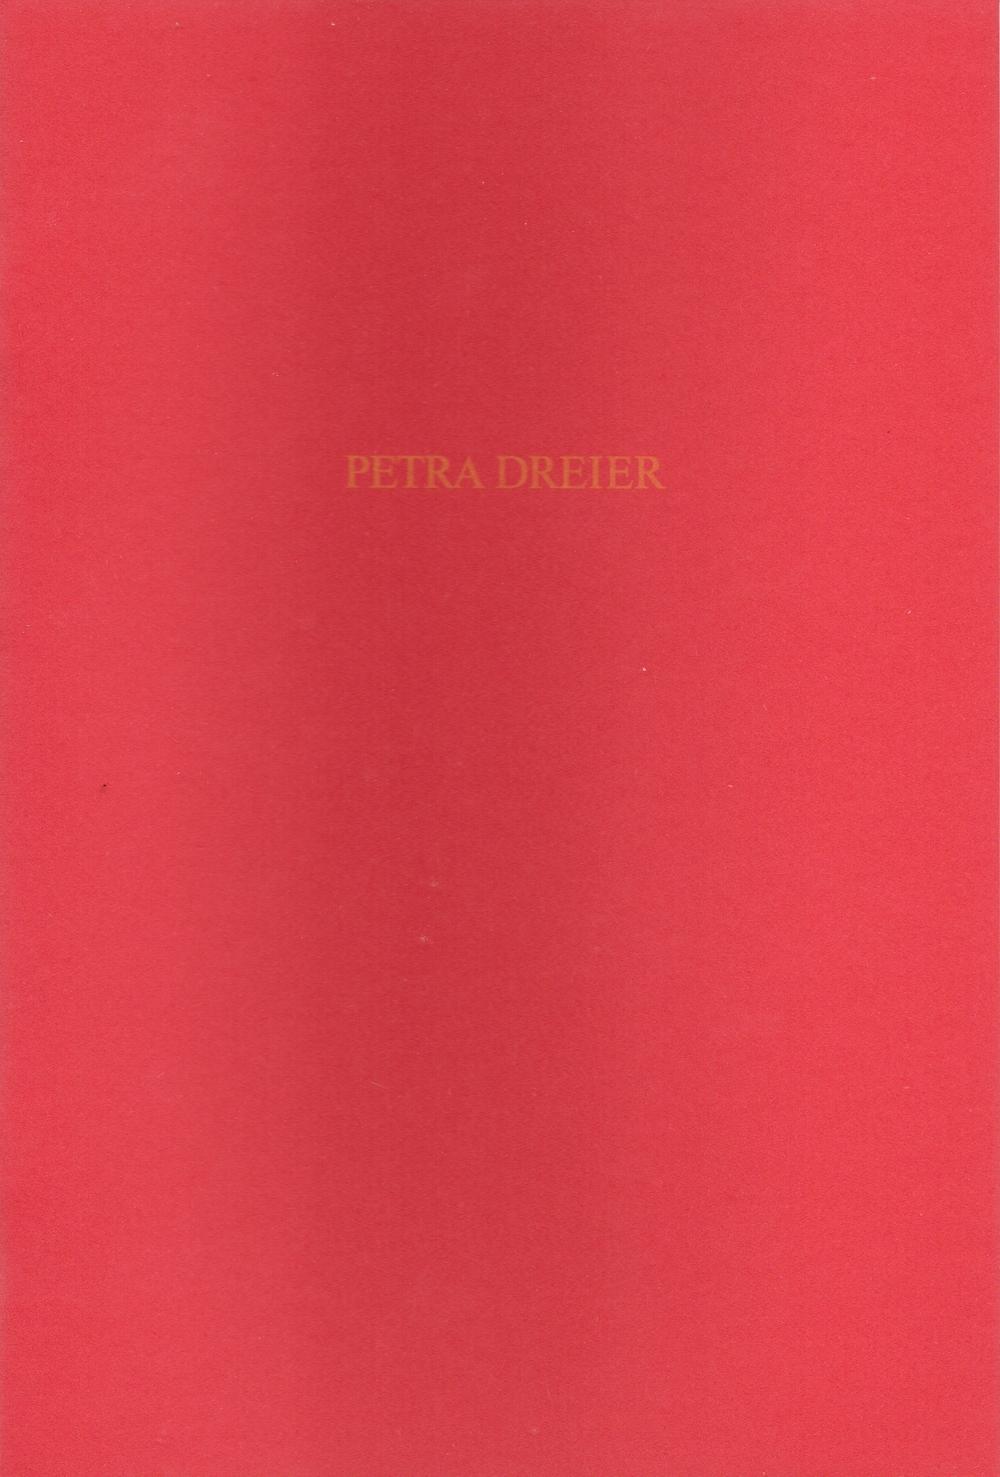 Petra Dreier, 1990